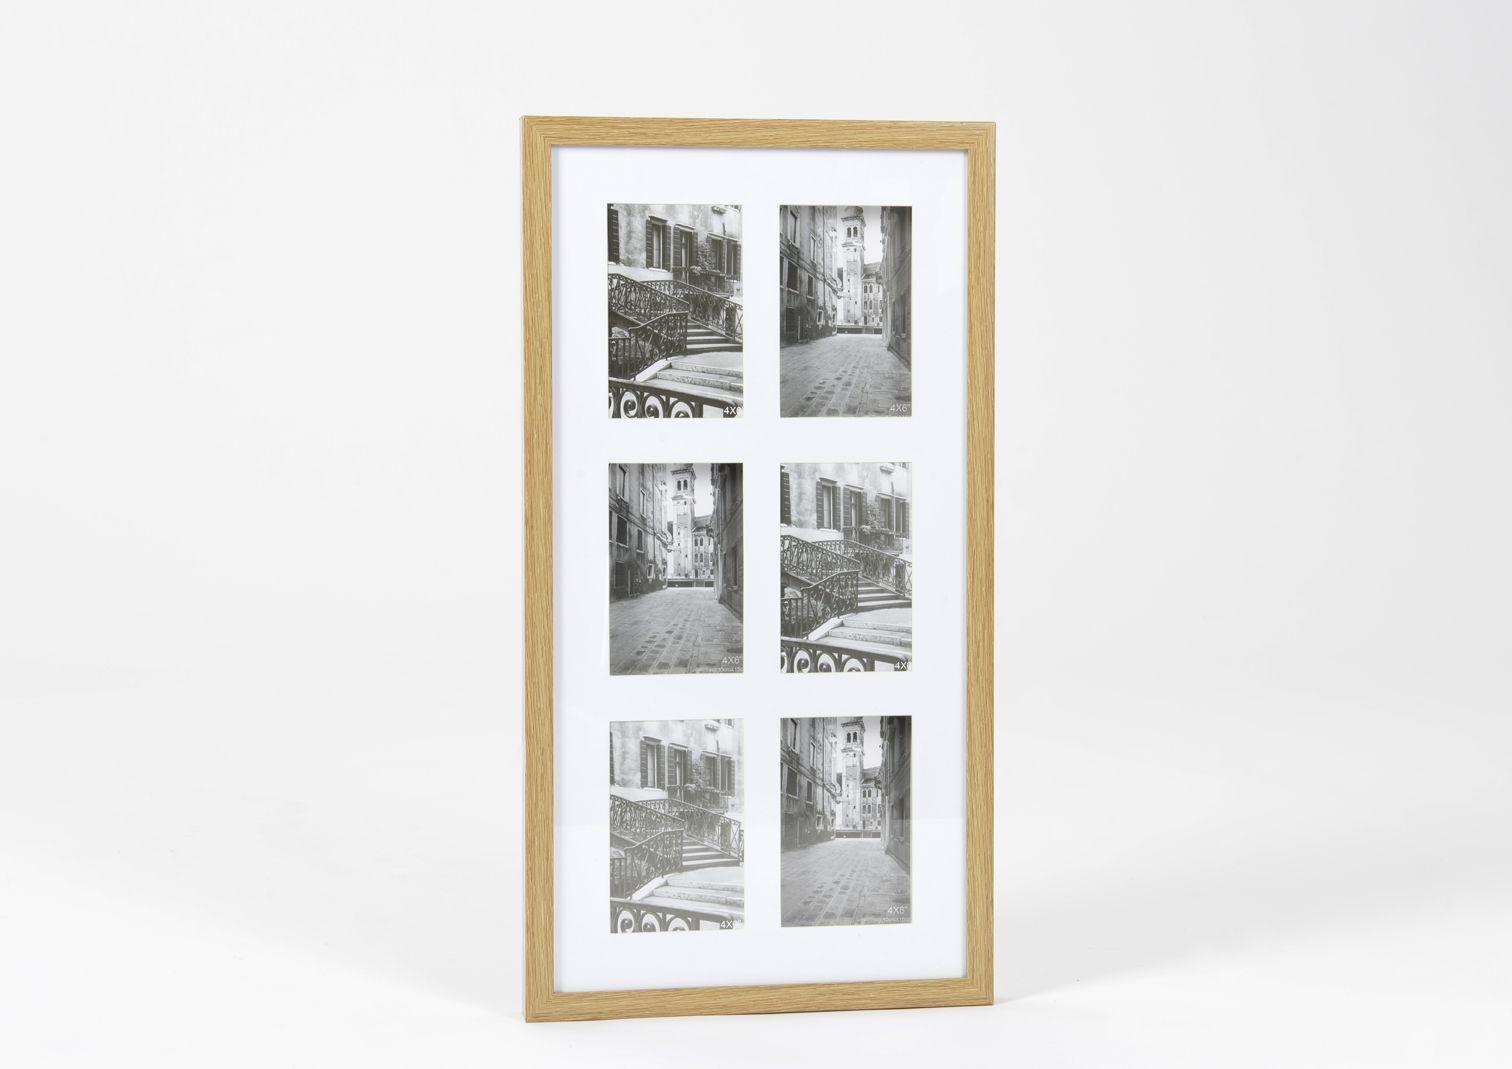 cadre photo en bois p le m le vertical. Black Bedroom Furniture Sets. Home Design Ideas